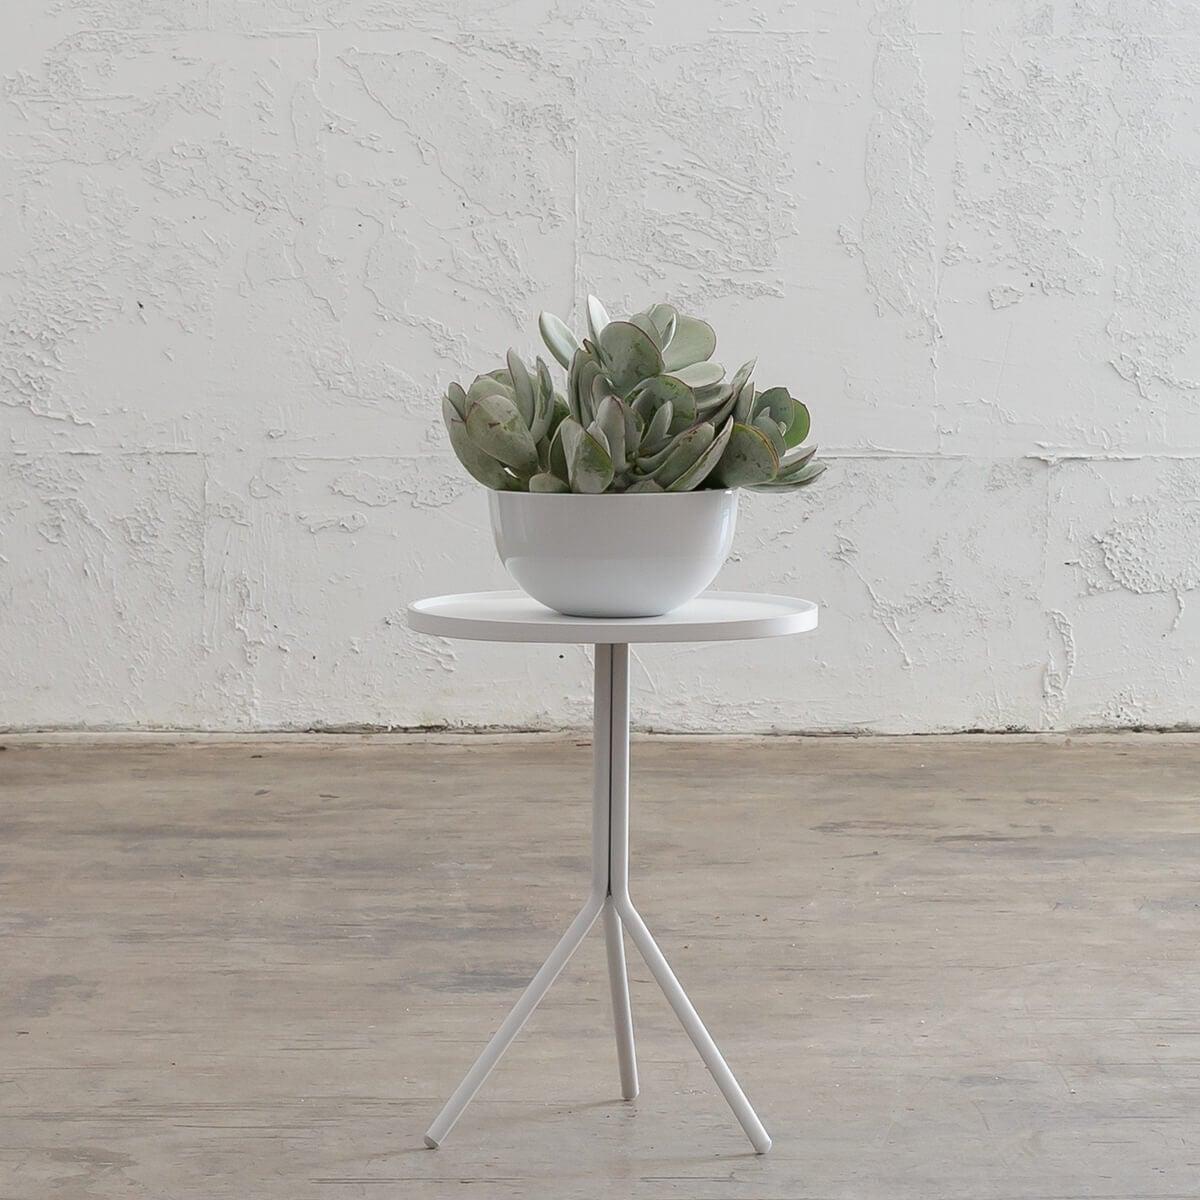 PALOMA OTKA ROUND SIDE TABLE - WHITE - LARGE